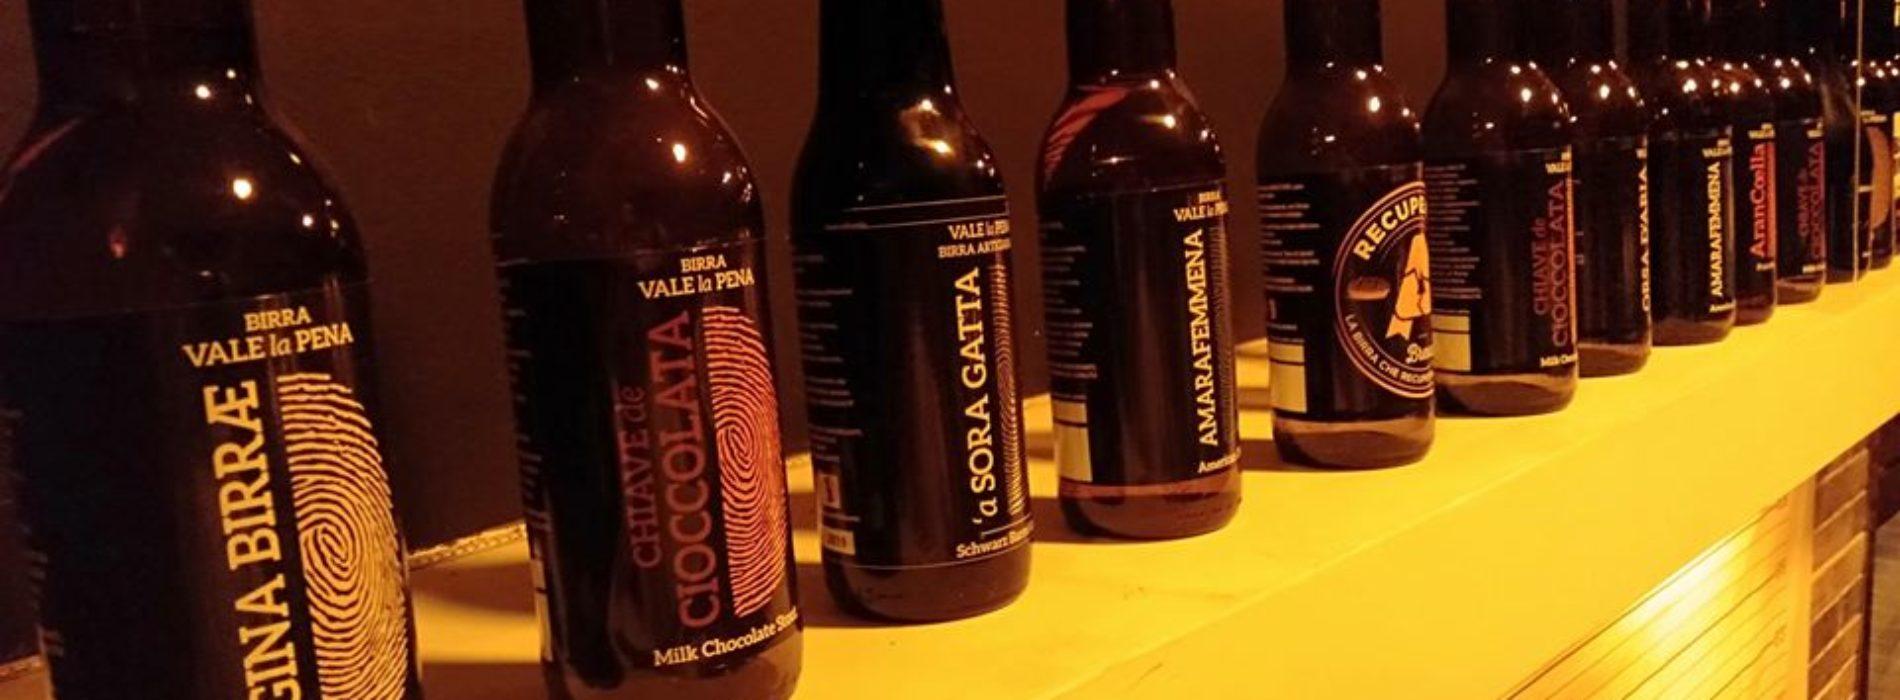 Vale la Pena a Roma, birre artigianali e focacce dal carcere al pub come riscatto sociale